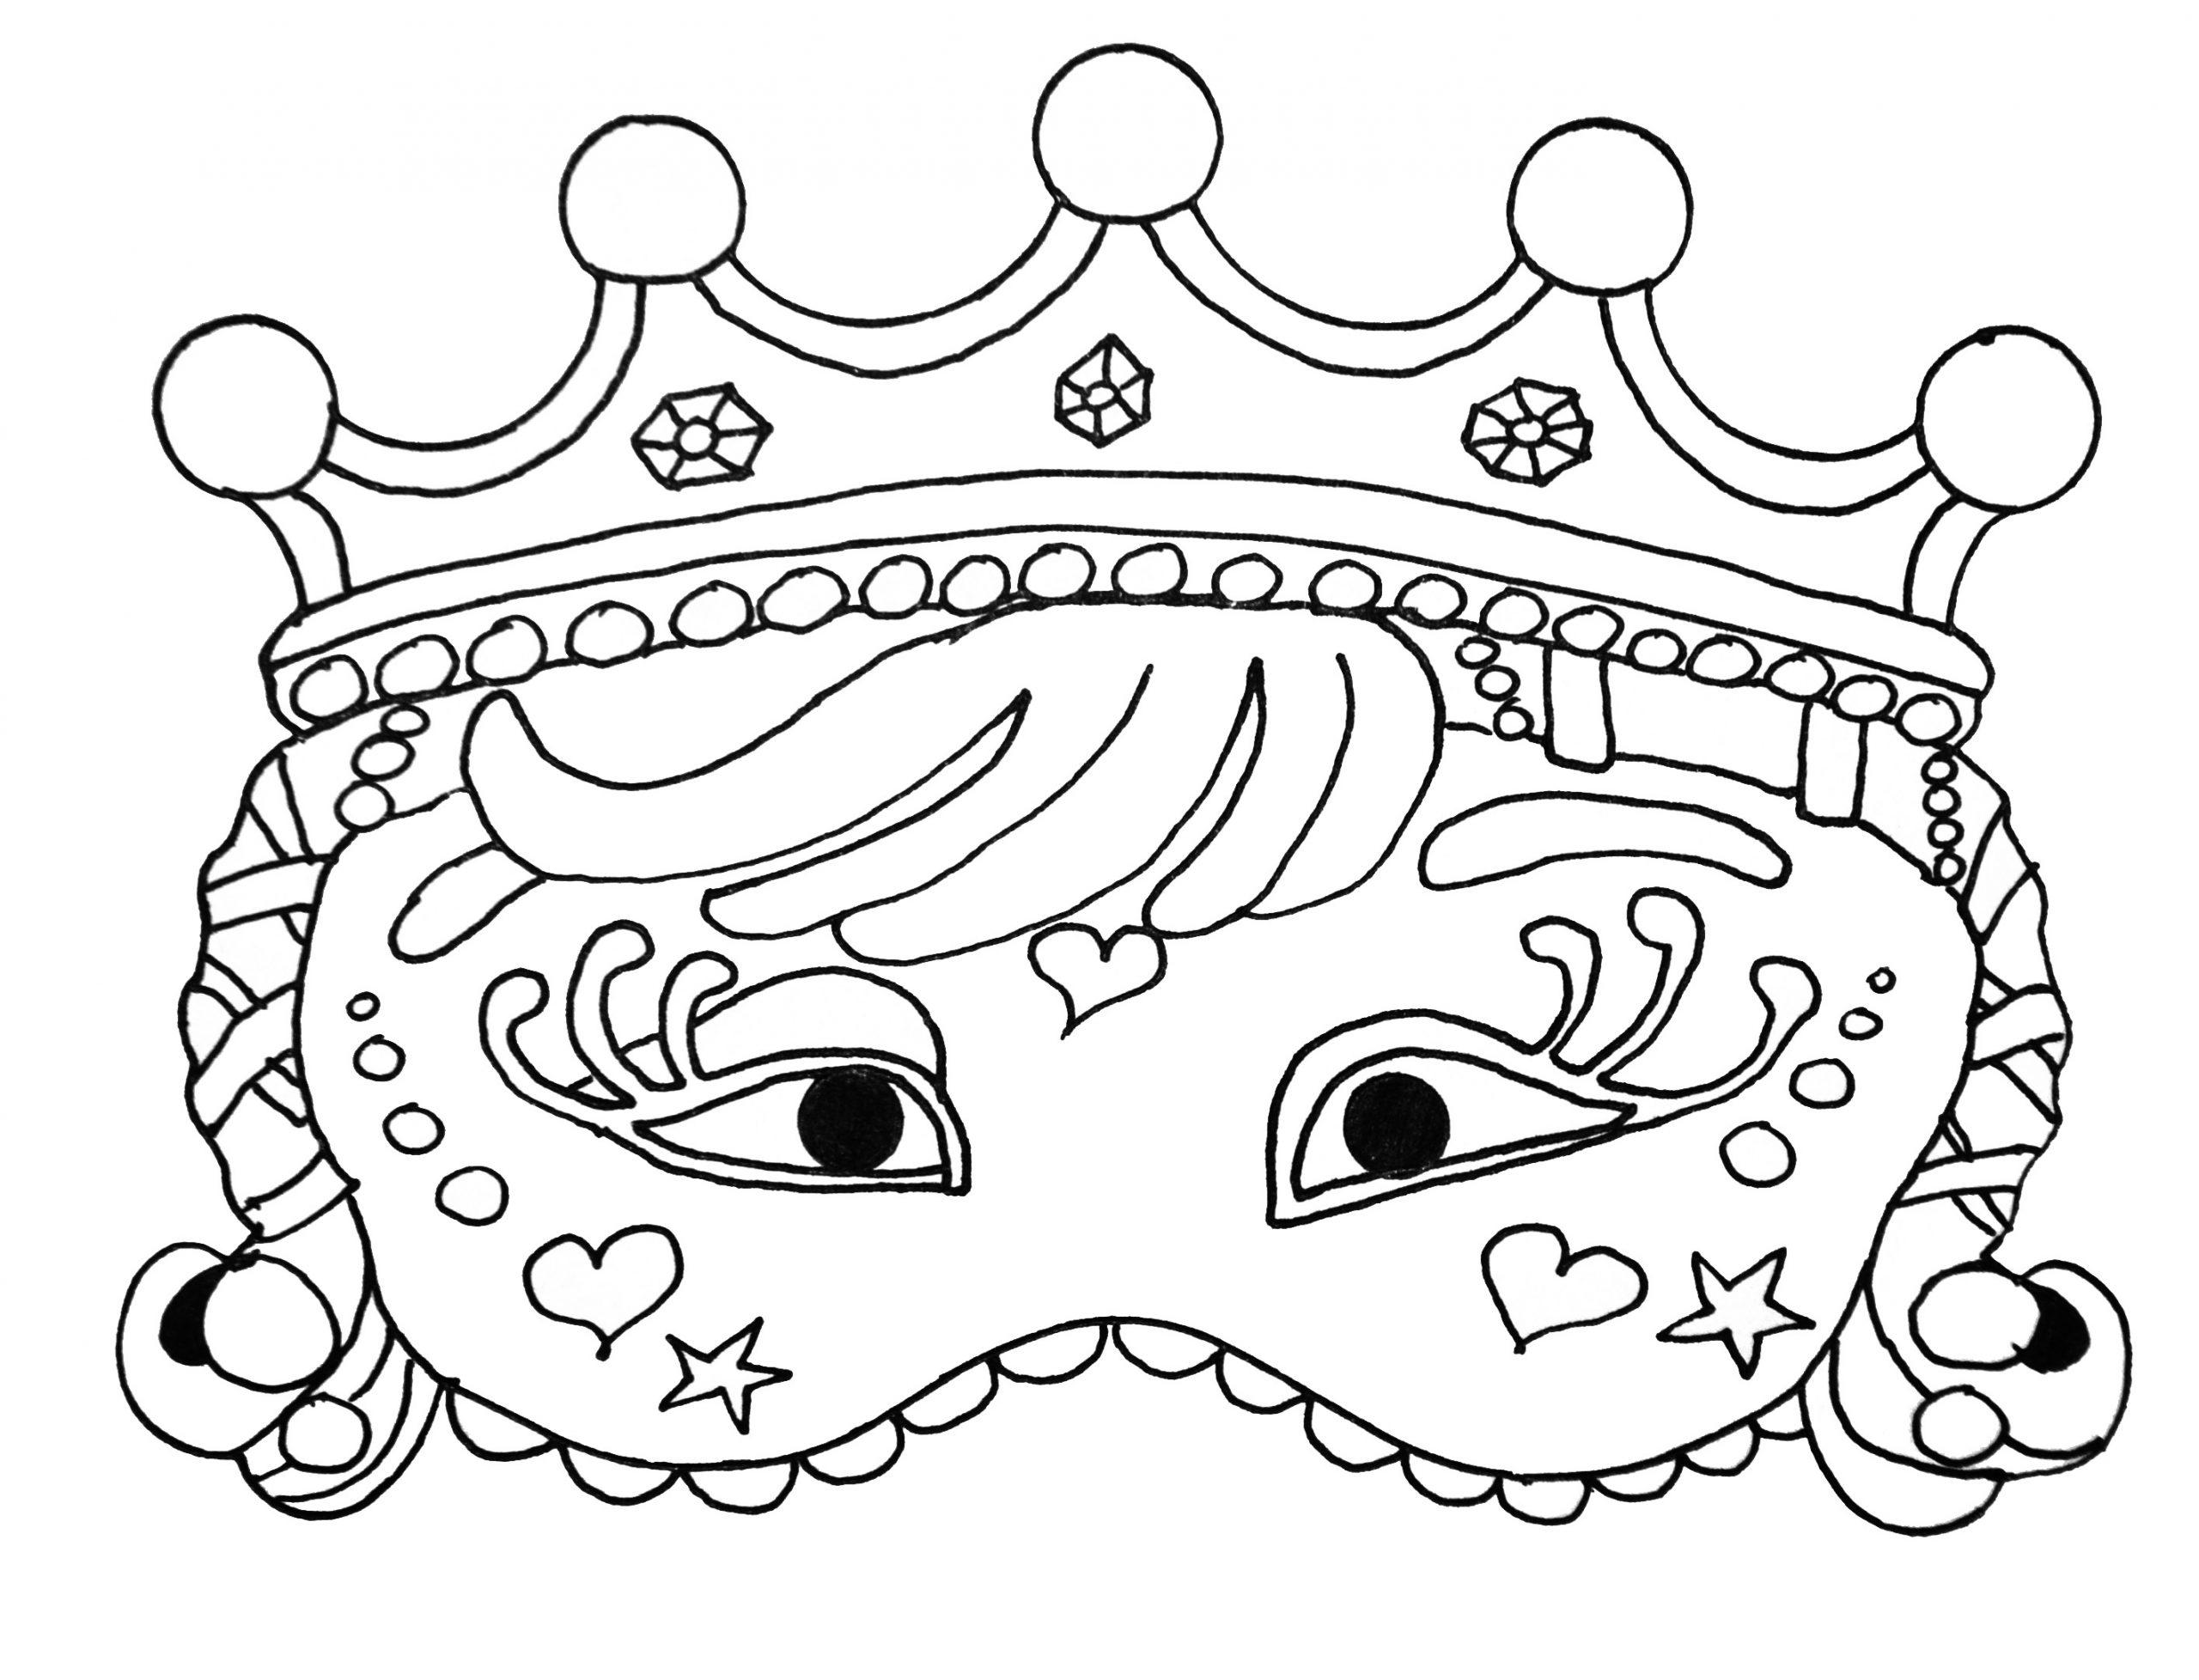 Joli Masque De Carnaval - Coloriage De Masques - Coloriages pour Masque Enfant A Colorier